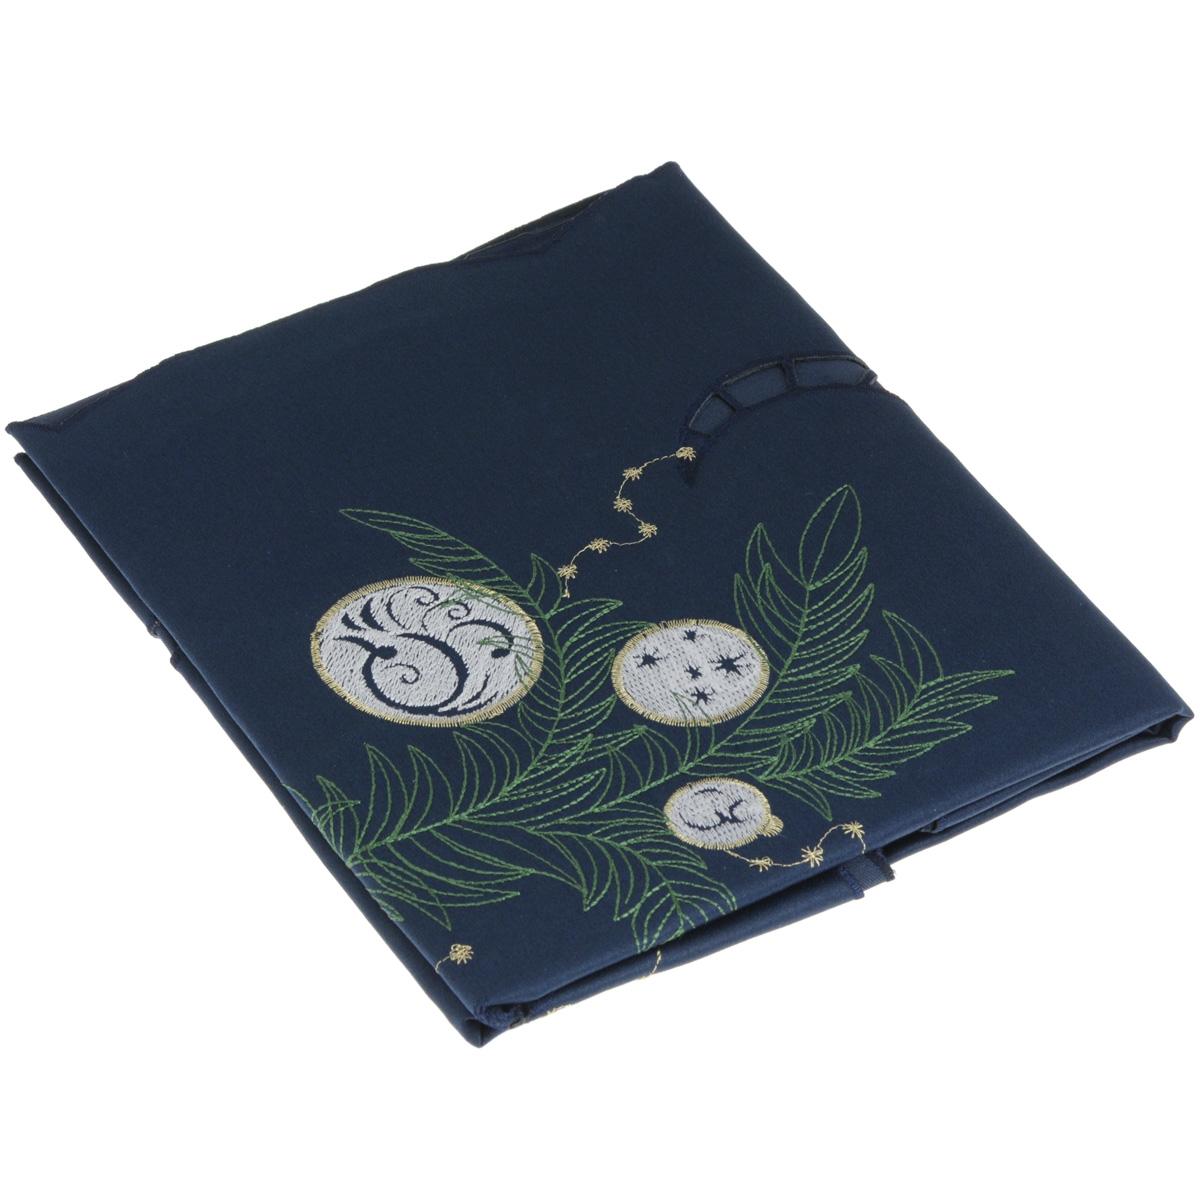 Скатерть Home Queen Шарики, квадратная, цвет: синий, 85 x 85 см63966Новогодняя скатерть Queen Шарики изящно украсит праздничный стол. Изделие выполнено из плотной полиэстеровой ткани, украшенной яркой декоративной ажурной вышивкой в виде елочных шаров. Изделие можно использовать поверх однотонной скатерти или в качестве самостоятельного покрытия на стол. Скатерть Queen Шарики создаст новогоднее настроение и станет прекрасным дополнением интерьера гостиной, кухни или столовой.